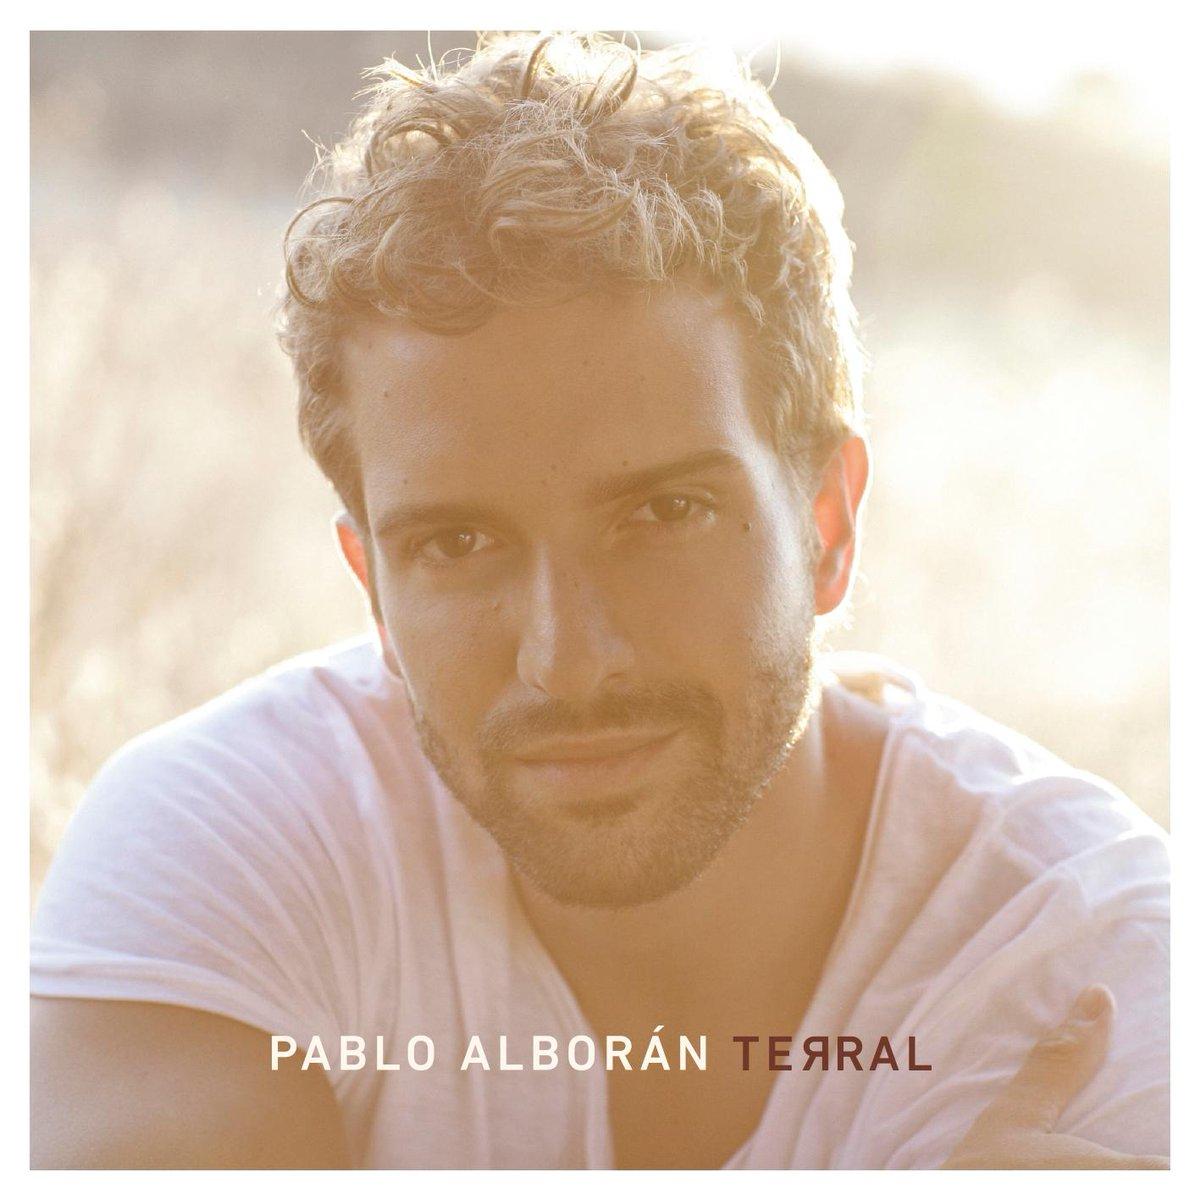 El próximo martes en #AtreveteCantizano : @pabloalboran nos presenta su nuevo trabajo #Terral NO TE LO PUEDES PERDER http://t.co/A6qkLFMQN2